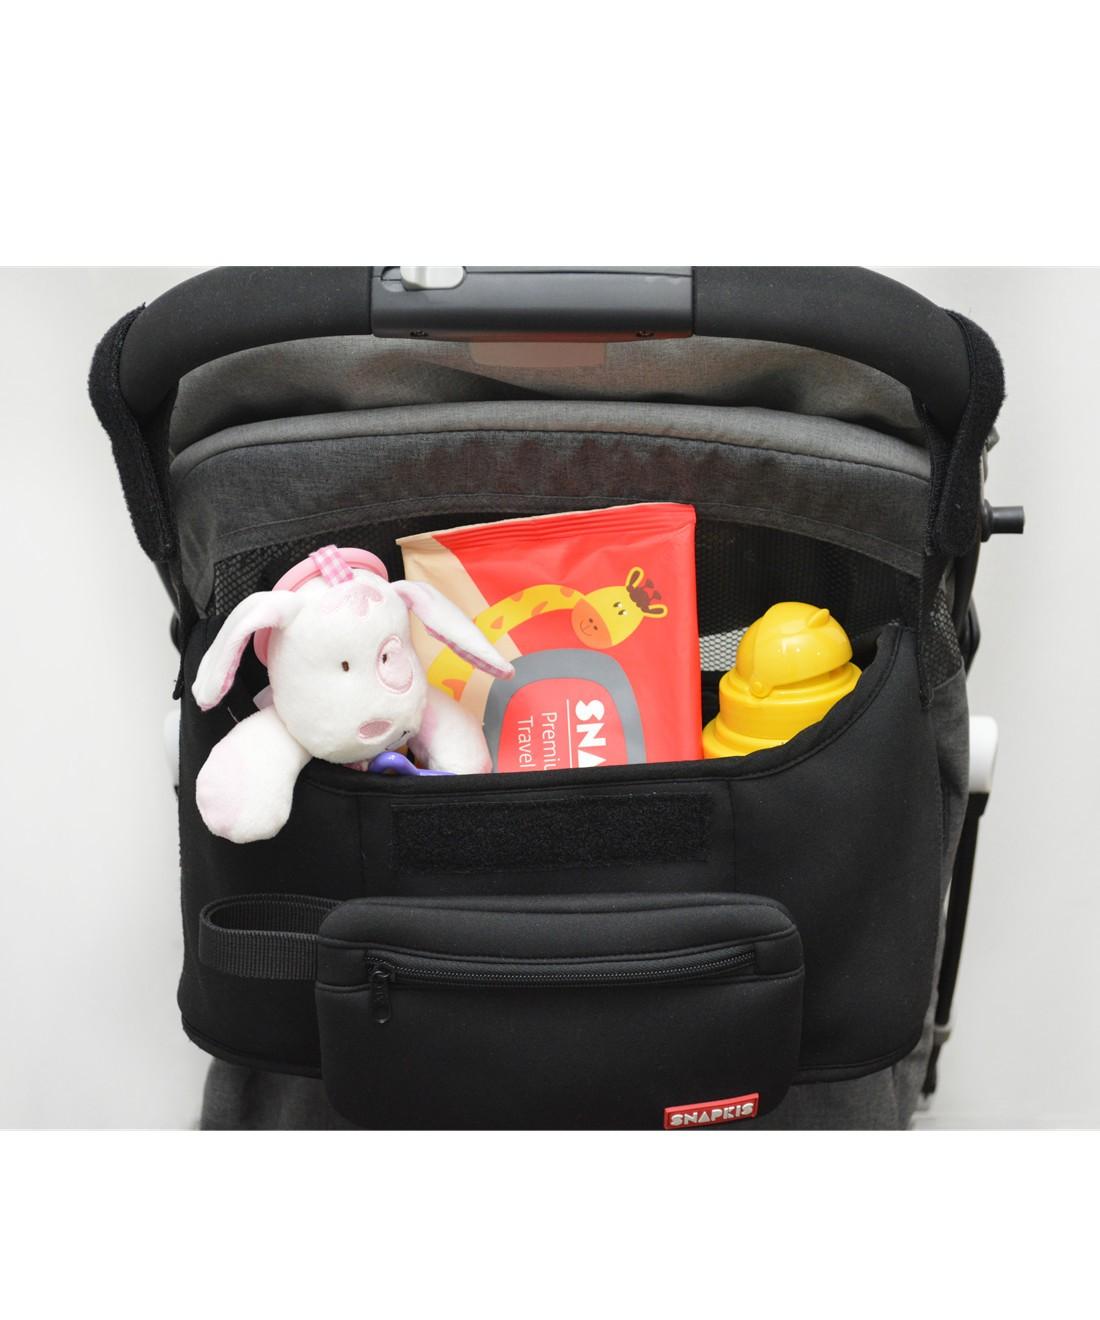 Snapkis 2-IN-1 Stroller Organiser & Tote Bag